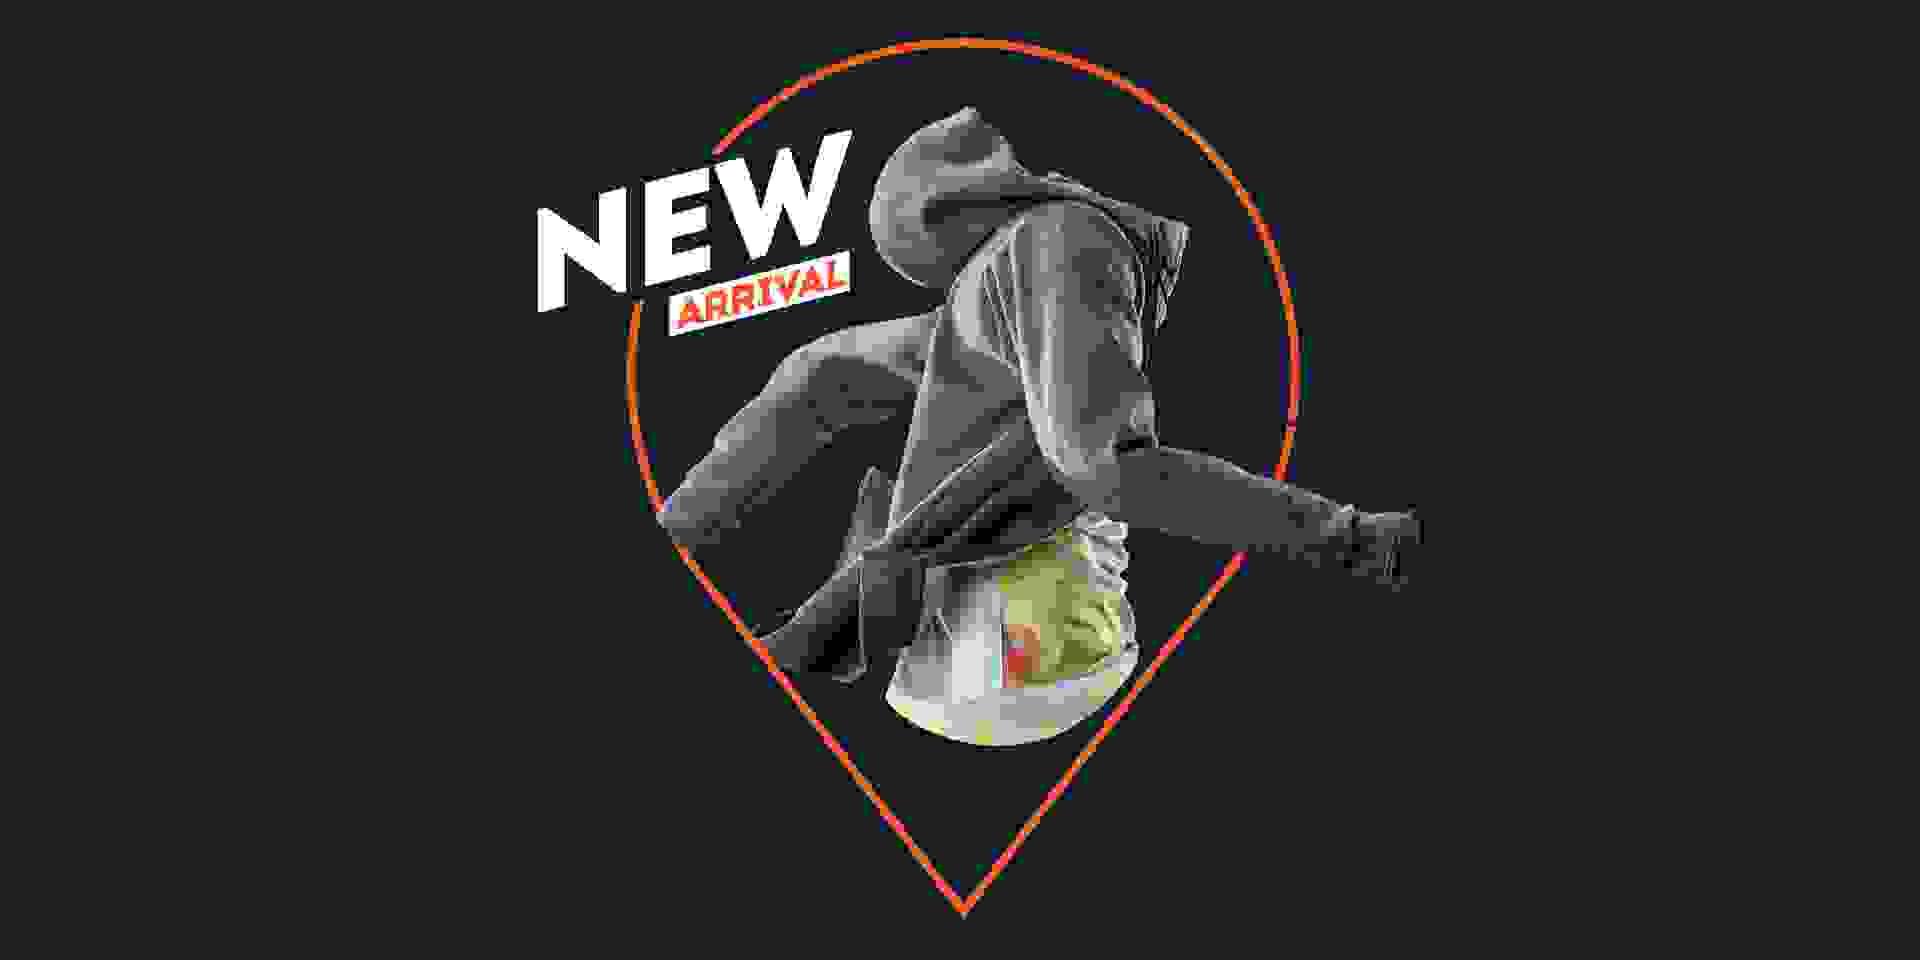 New Arrival Streetwear